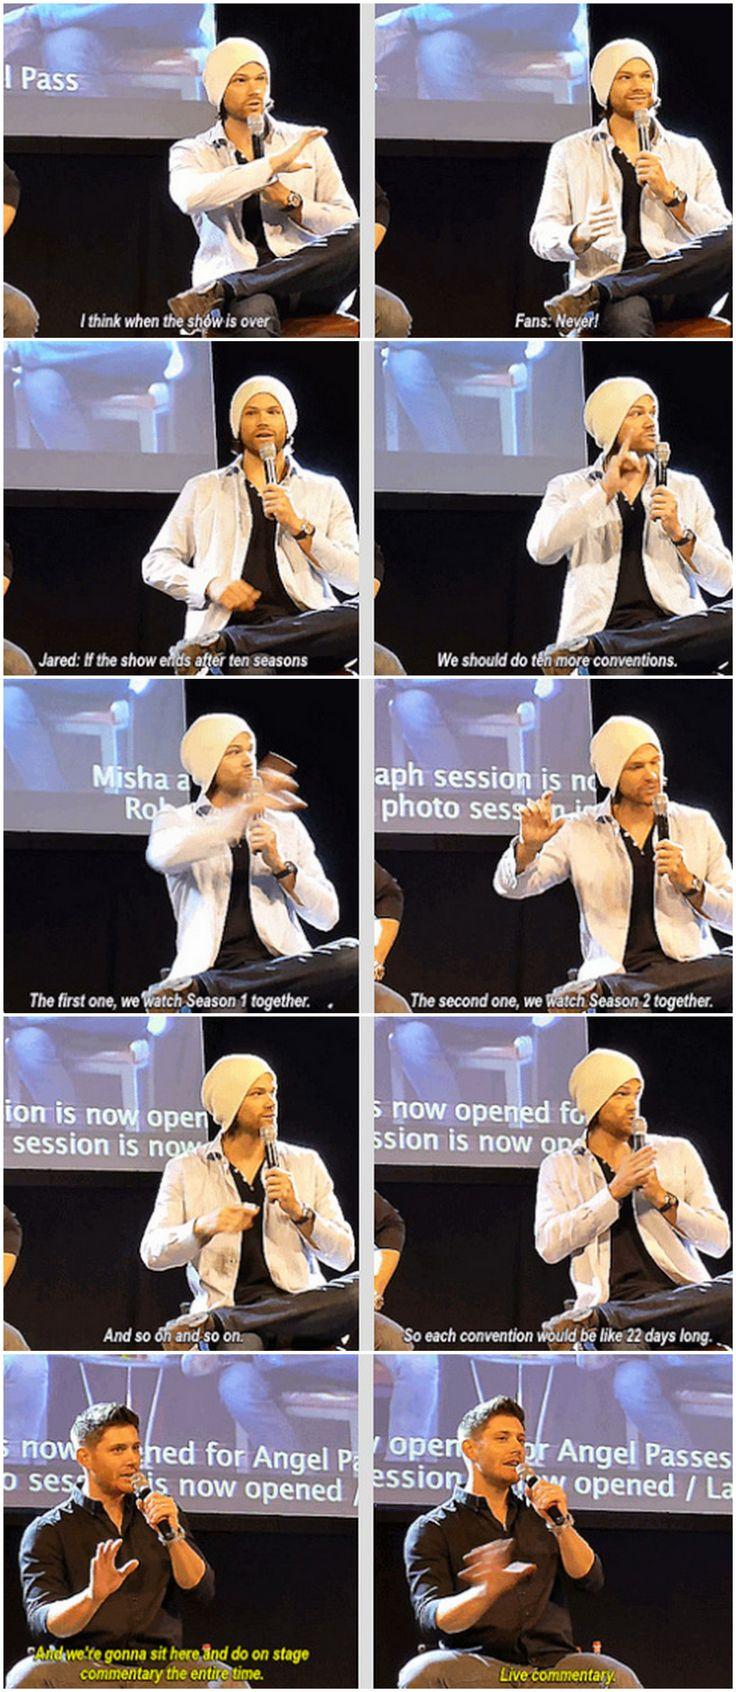 #JibCon14 #Jensen #Jared